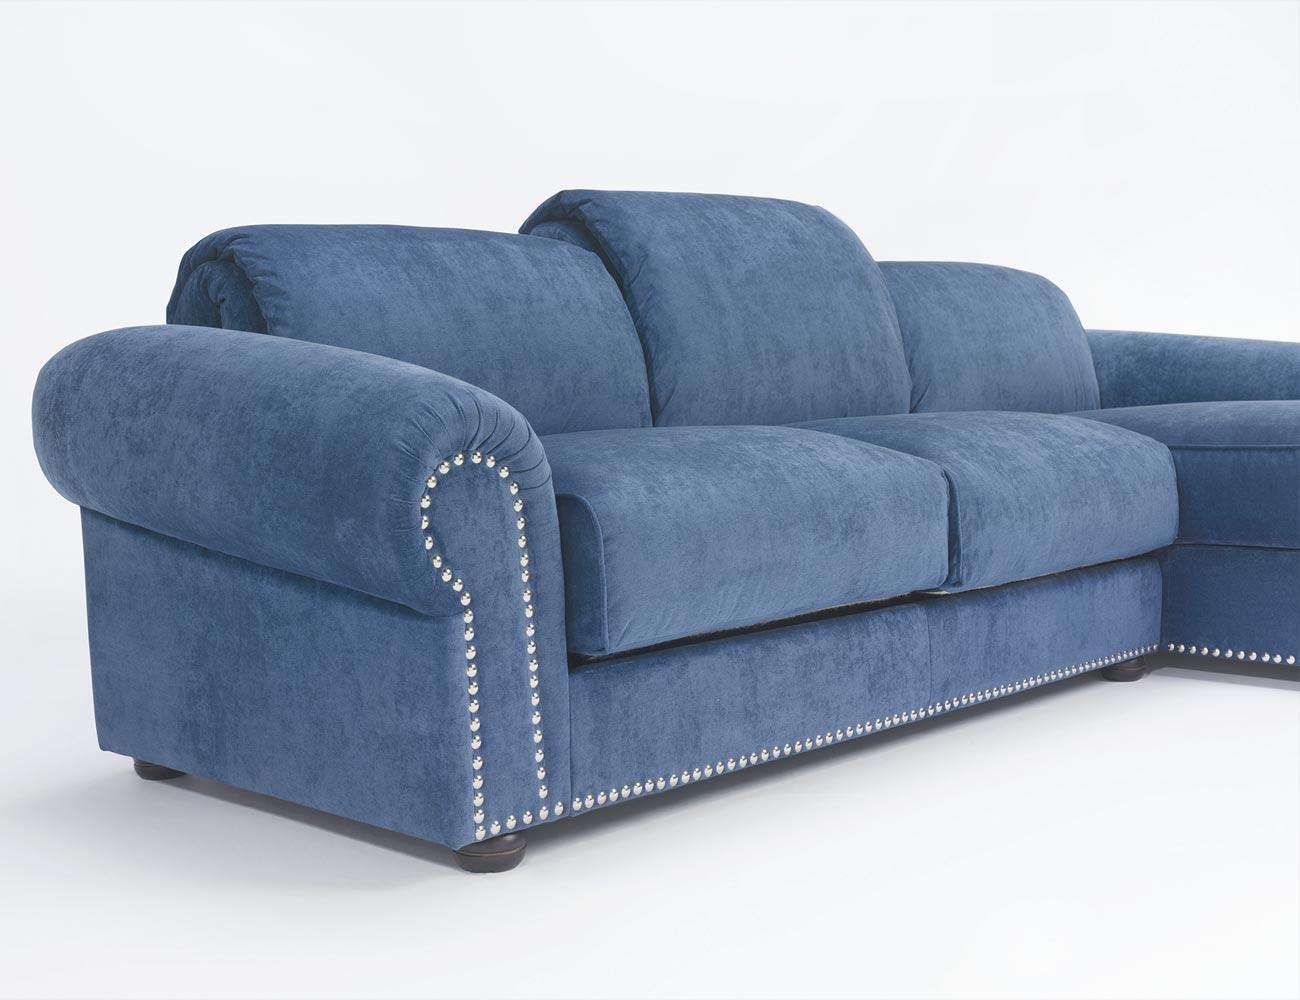 Sofa chaiselongue gran lujo decorativo azul 118